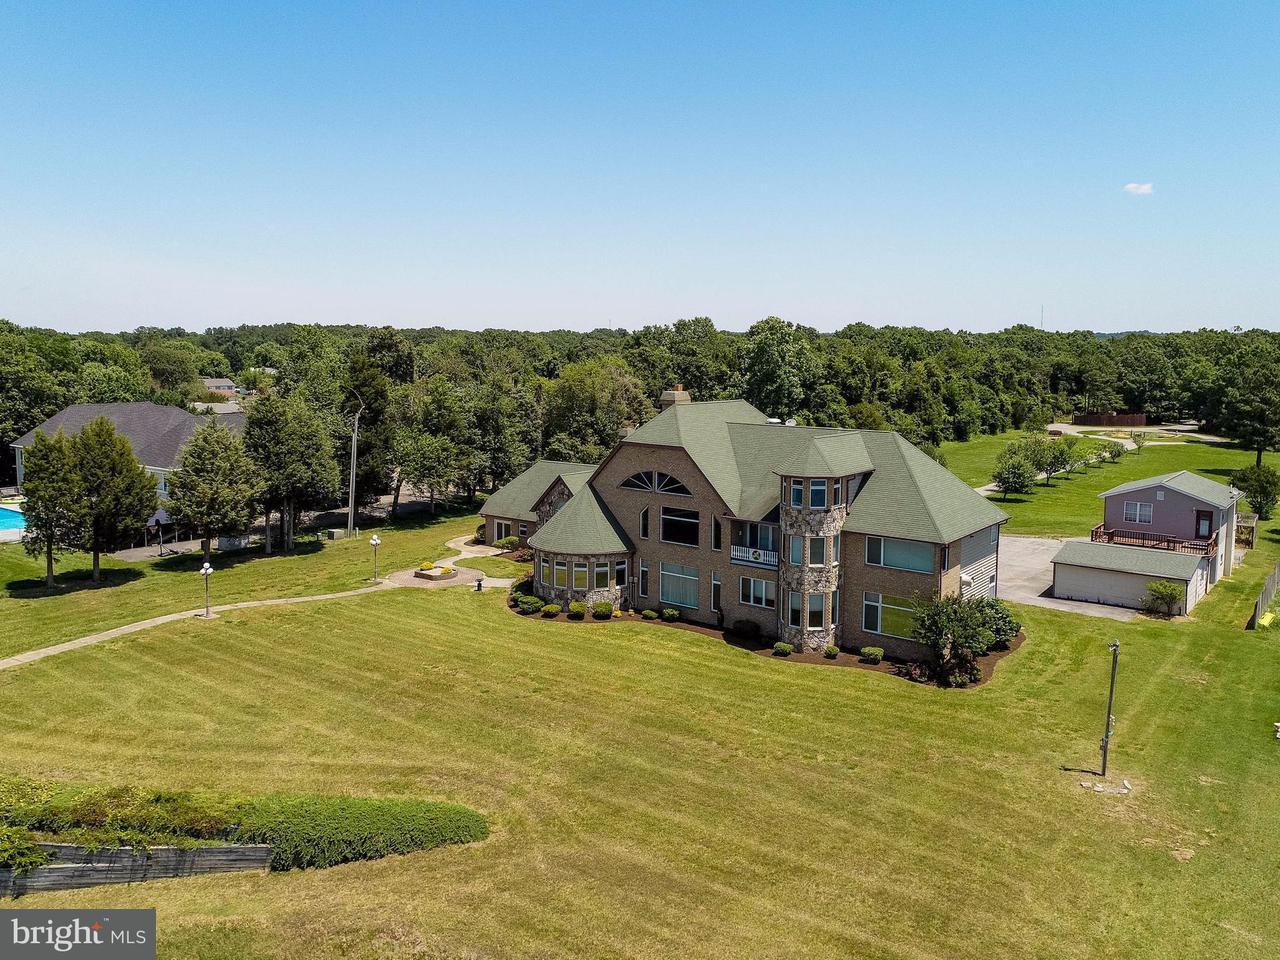 独户住宅 为 销售 在 495 Seagull Beach Road 495 Seagull Beach Road Prince Frederick, 马里兰州 20678 美国